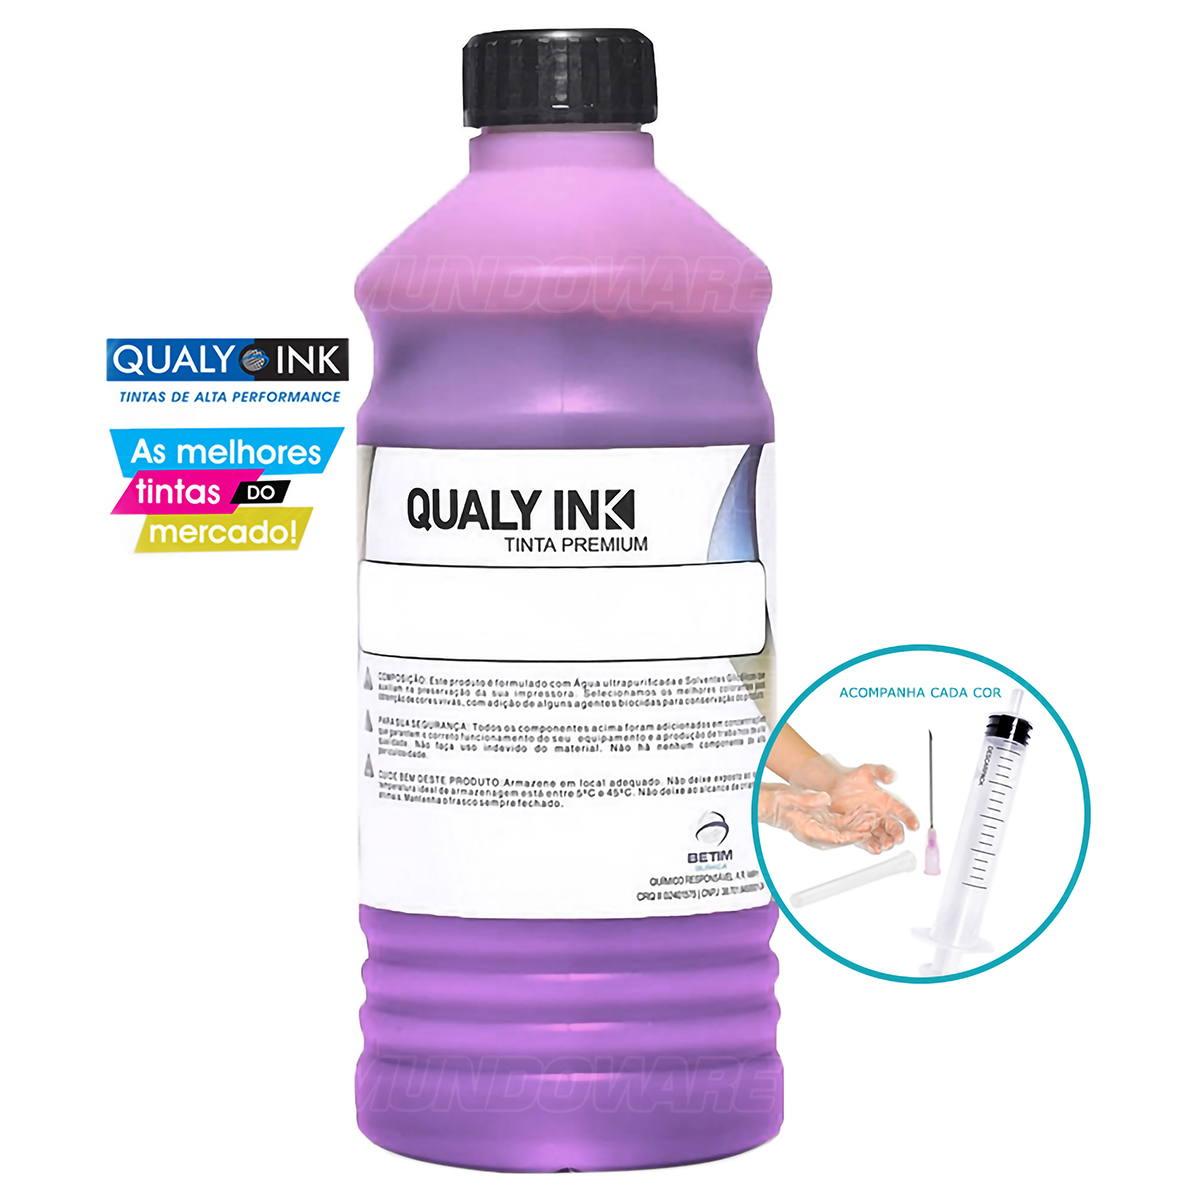 Compatível: Tinta Pigmentada Qualy-Ink MP3E-1534 Série 664 para Epson L355 L365 L375 L396 L200 L550 Magenta 1L